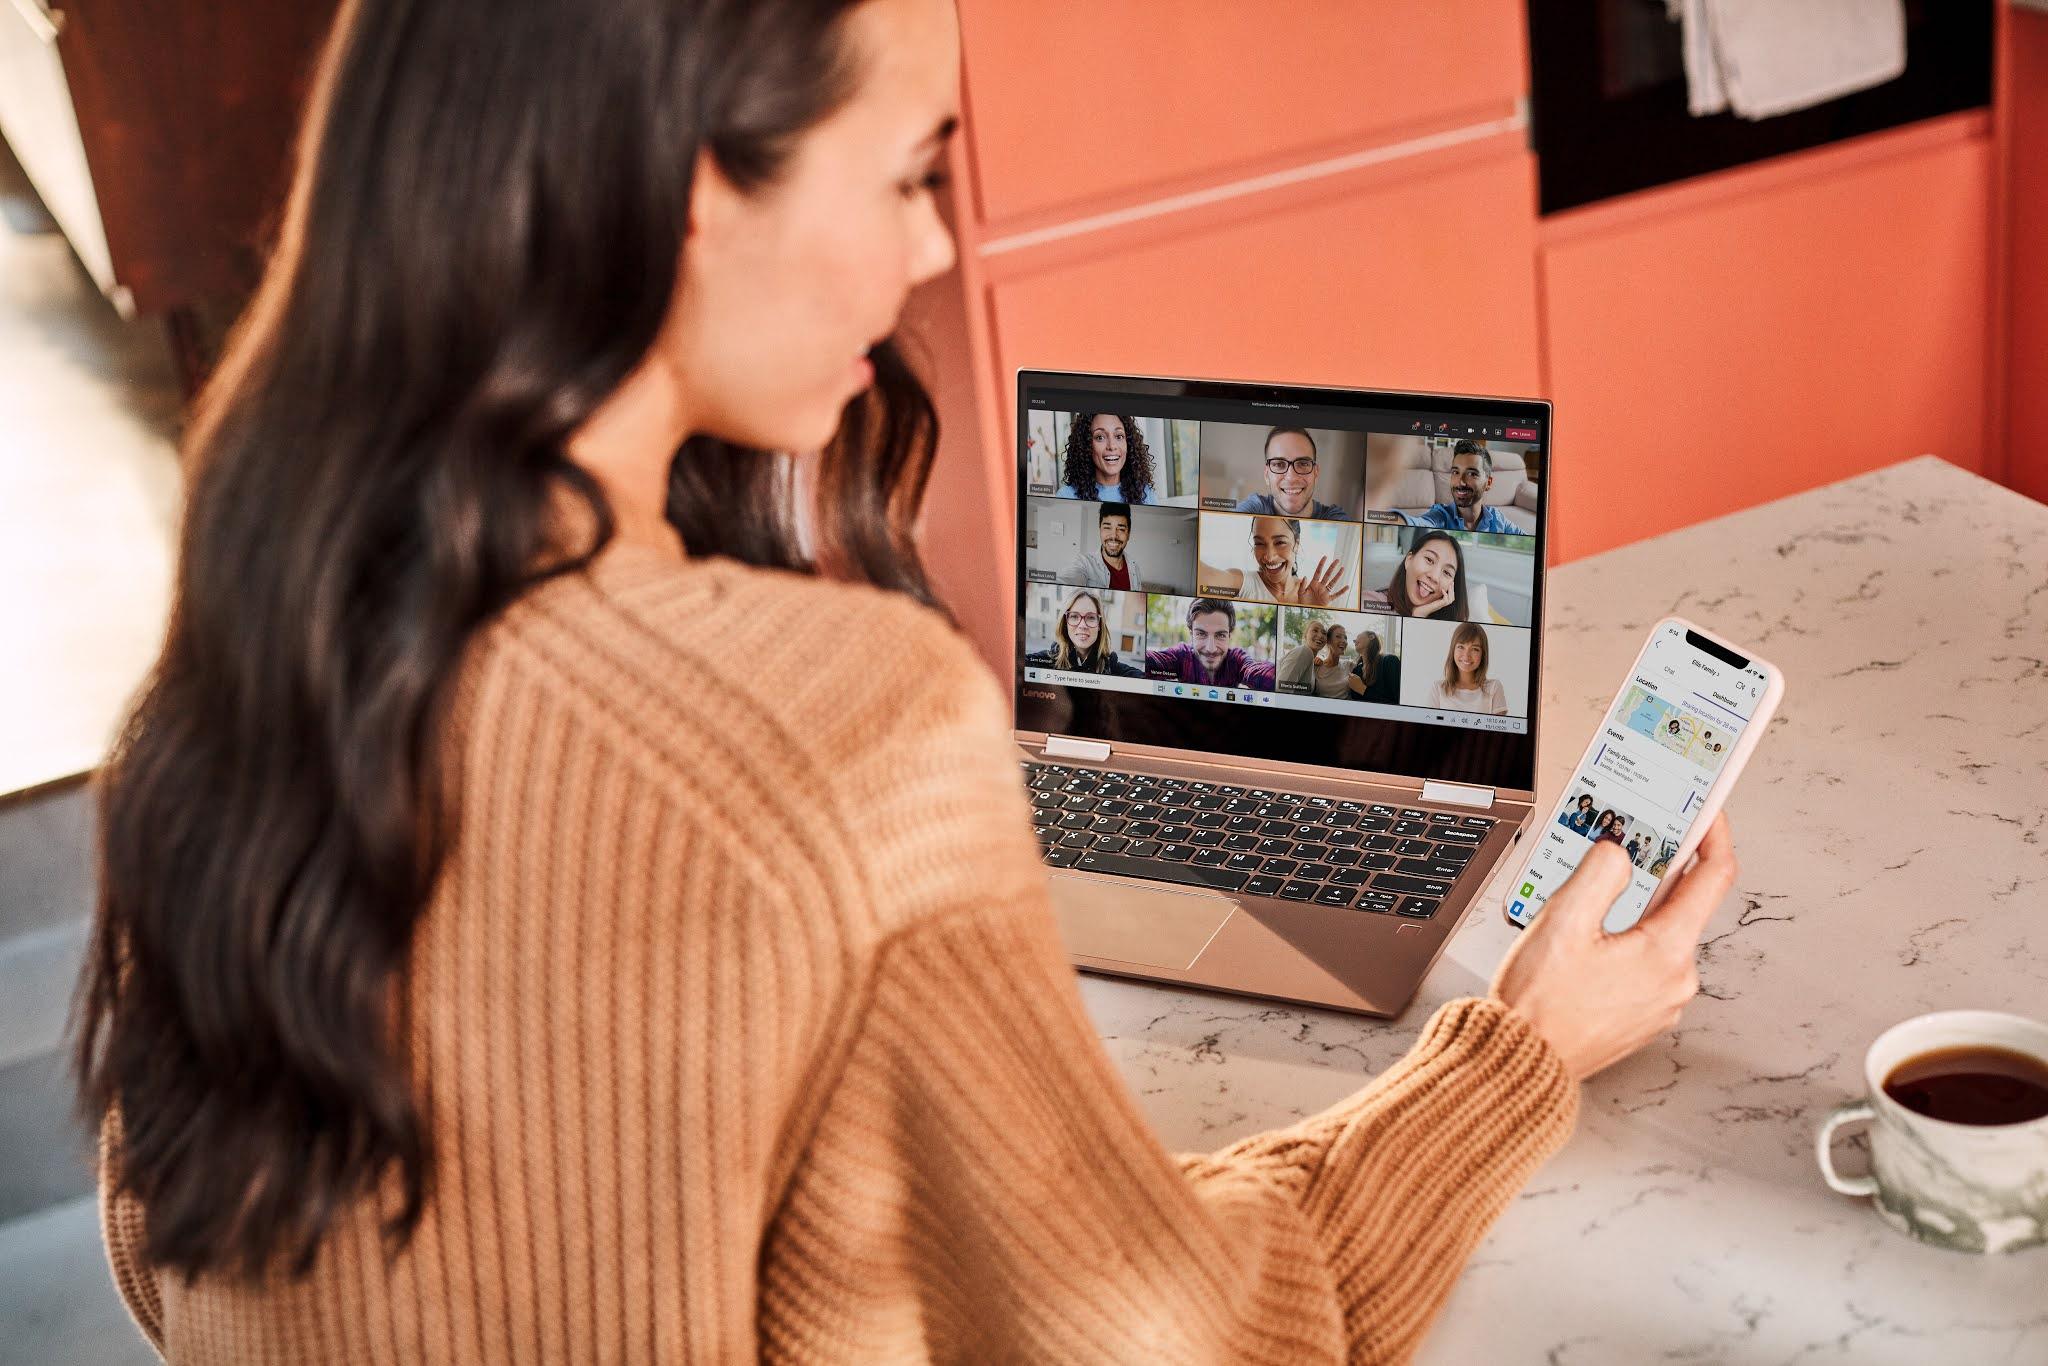 Chattare e videochiamare da Microsoft Teams anche con chi non ha l'app installata